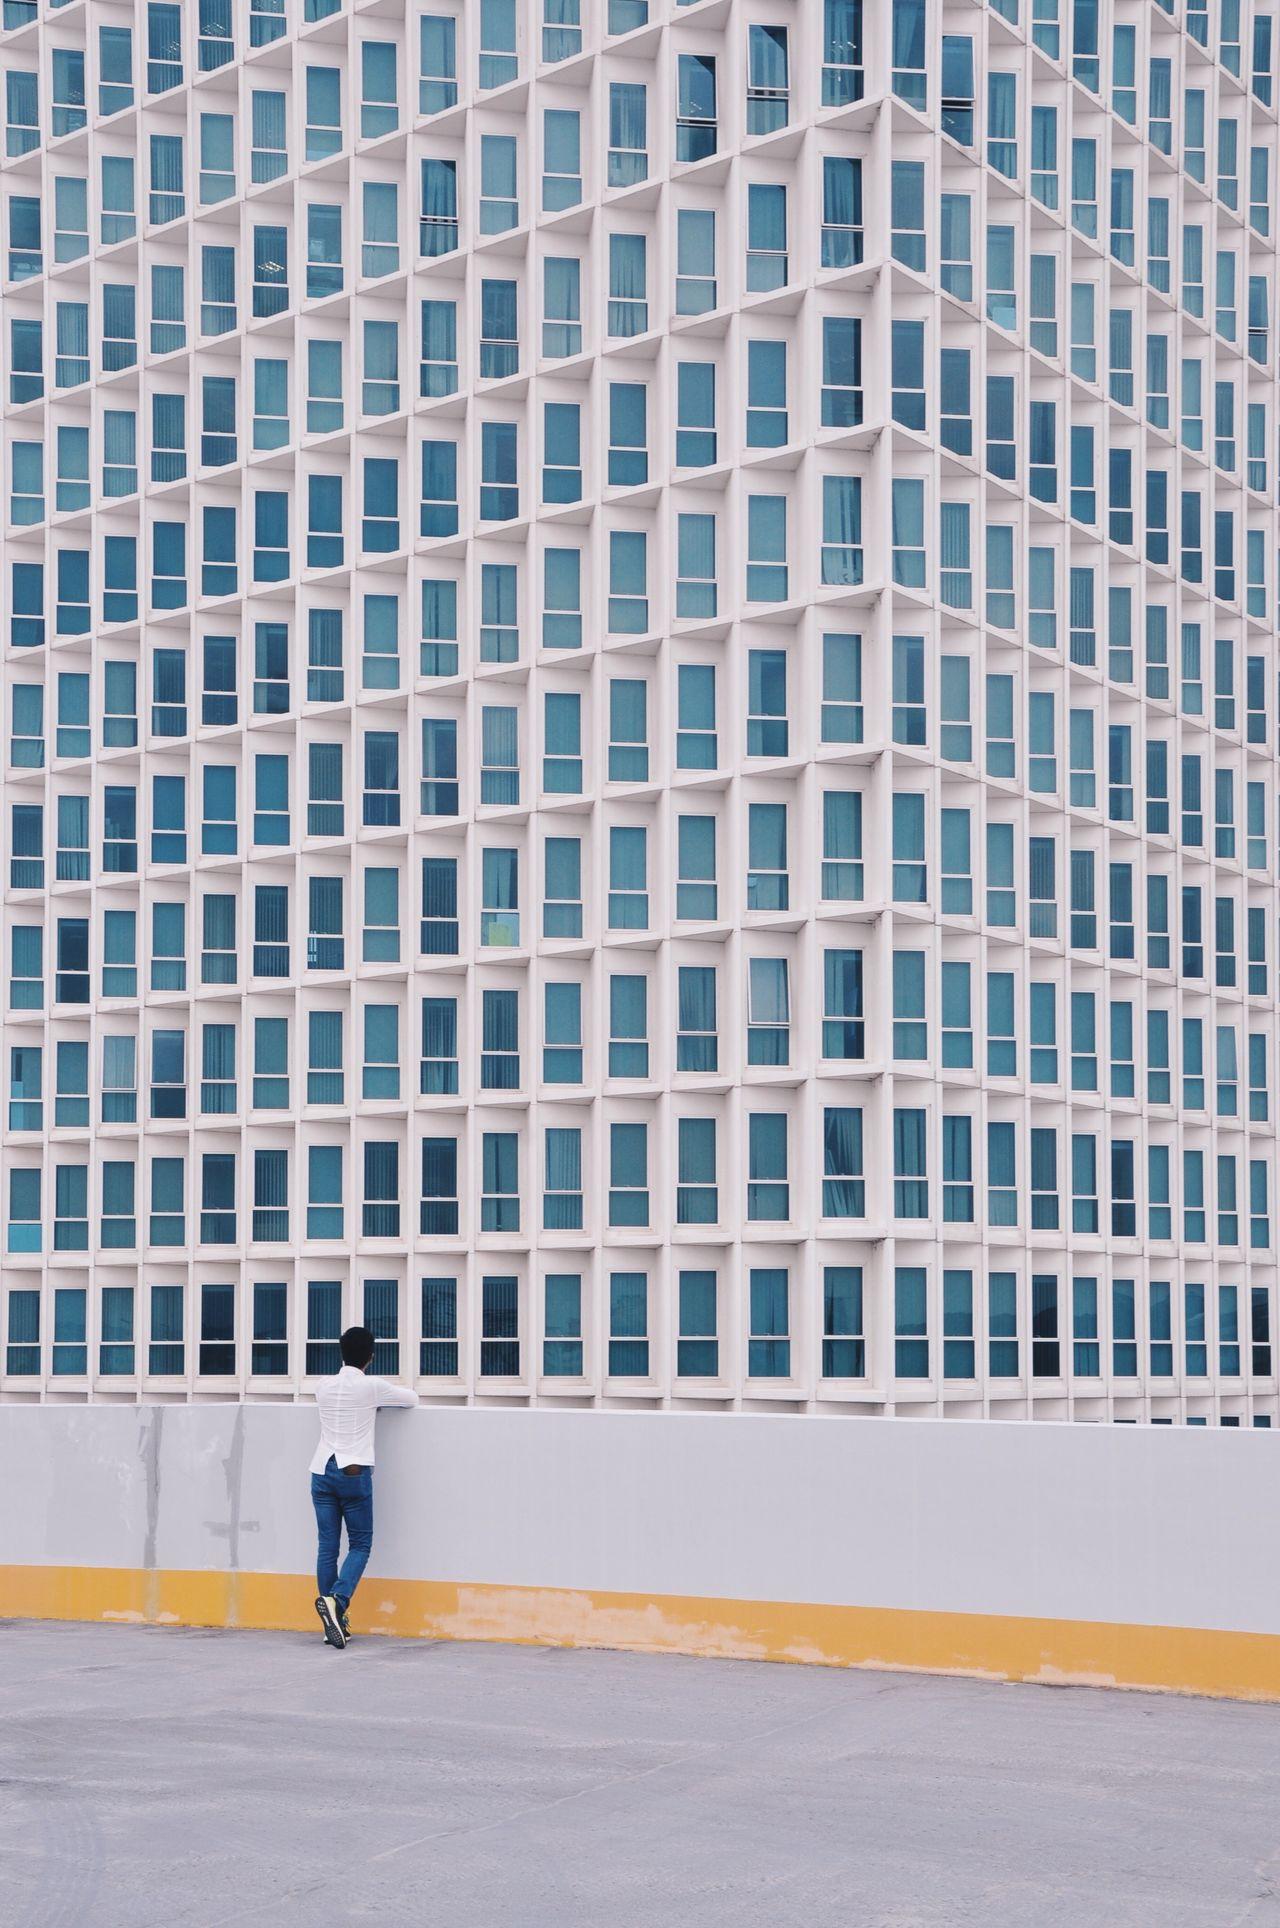 FULL LENGTH OF MAN WALKING ON BUILDING